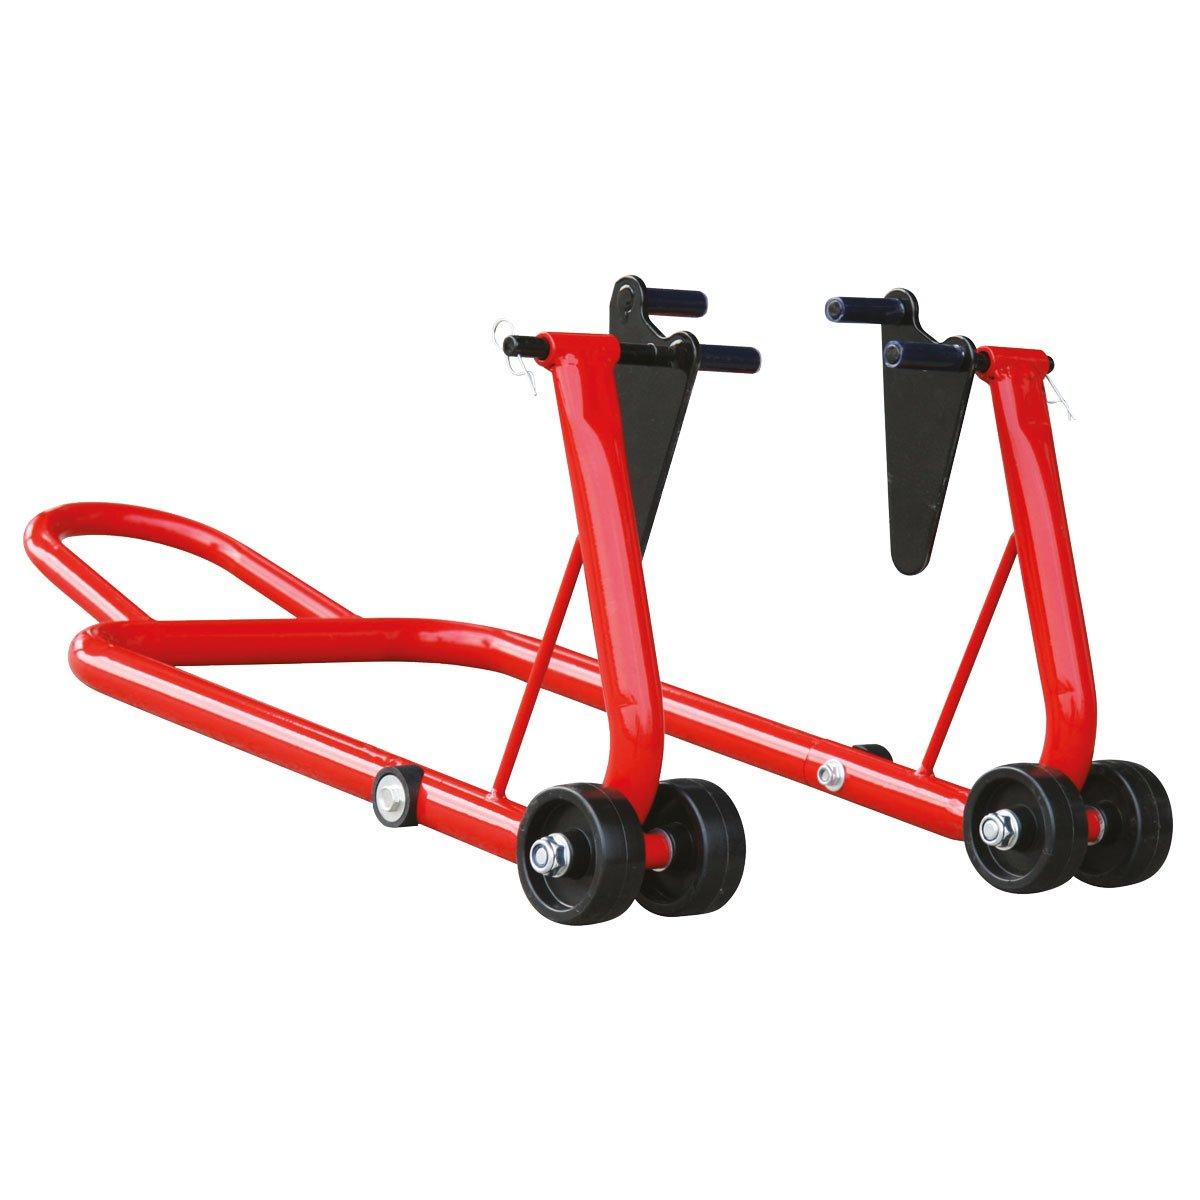 CABALLETE para MOTO soporte elevador trasero universal DESMONTABLE - Hasta 200KG - Robusto, 4 ruedas RZ TOOLS: Amazon.es: Coche y moto